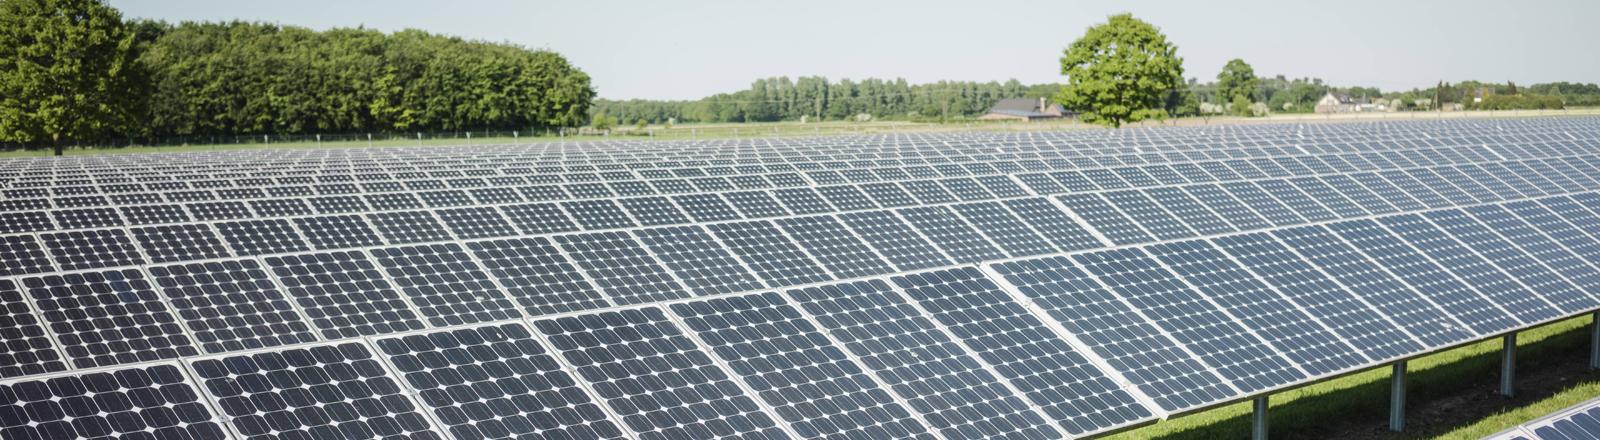 Solaranlage auf Wiese